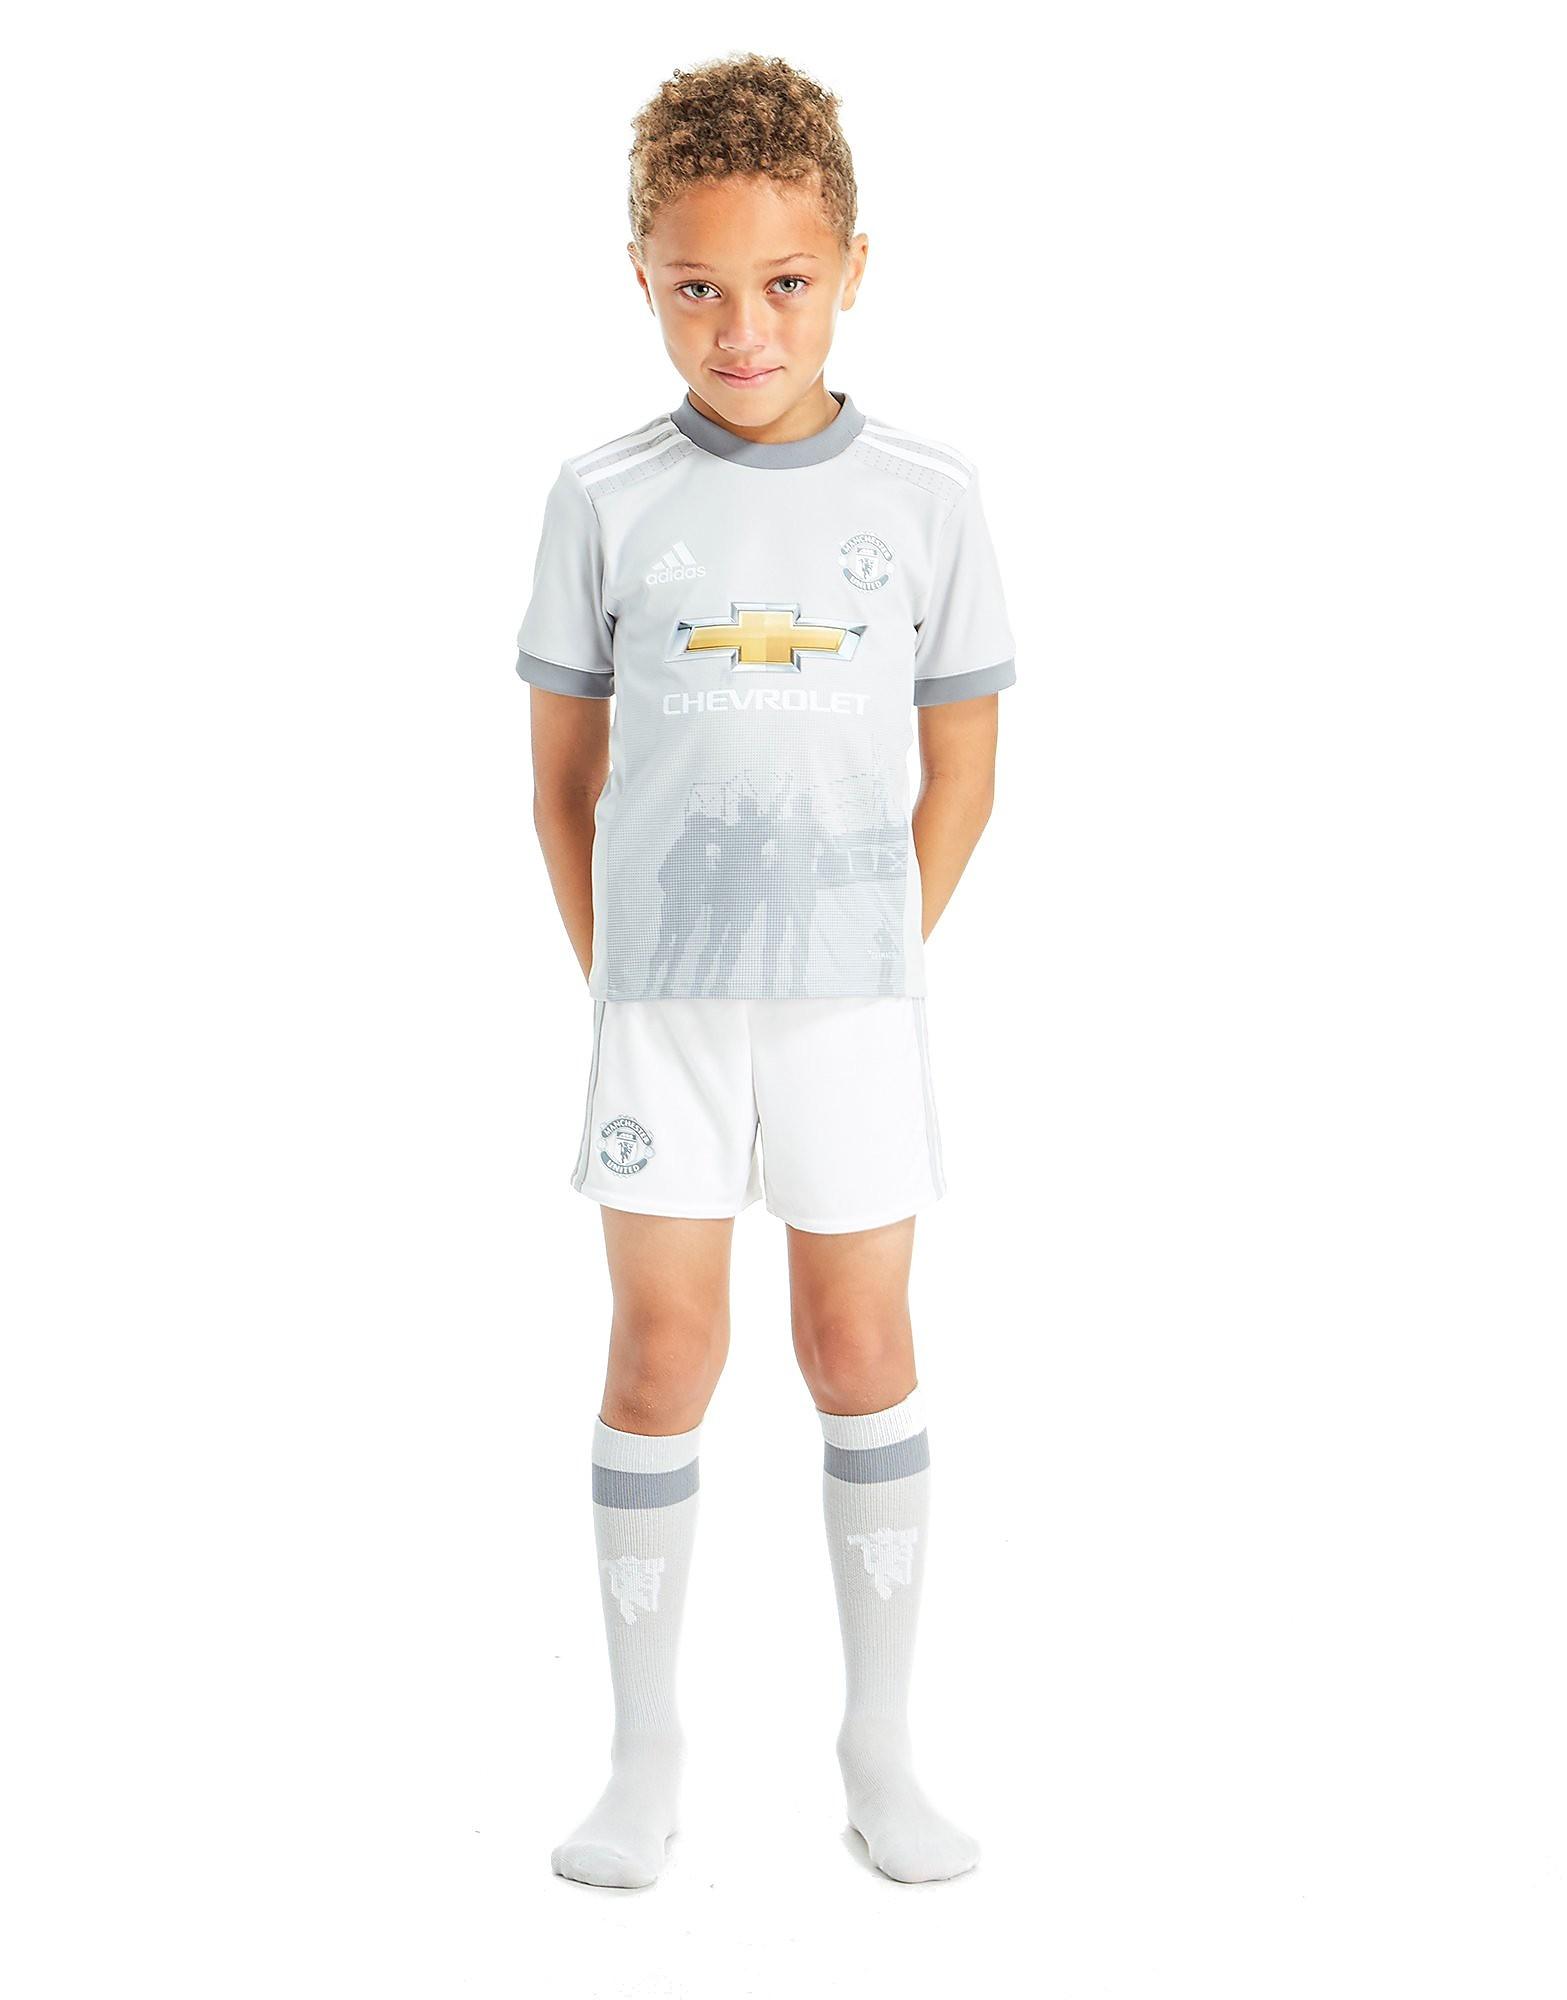 adidas Manchester United 2017/18 Third Kit Children